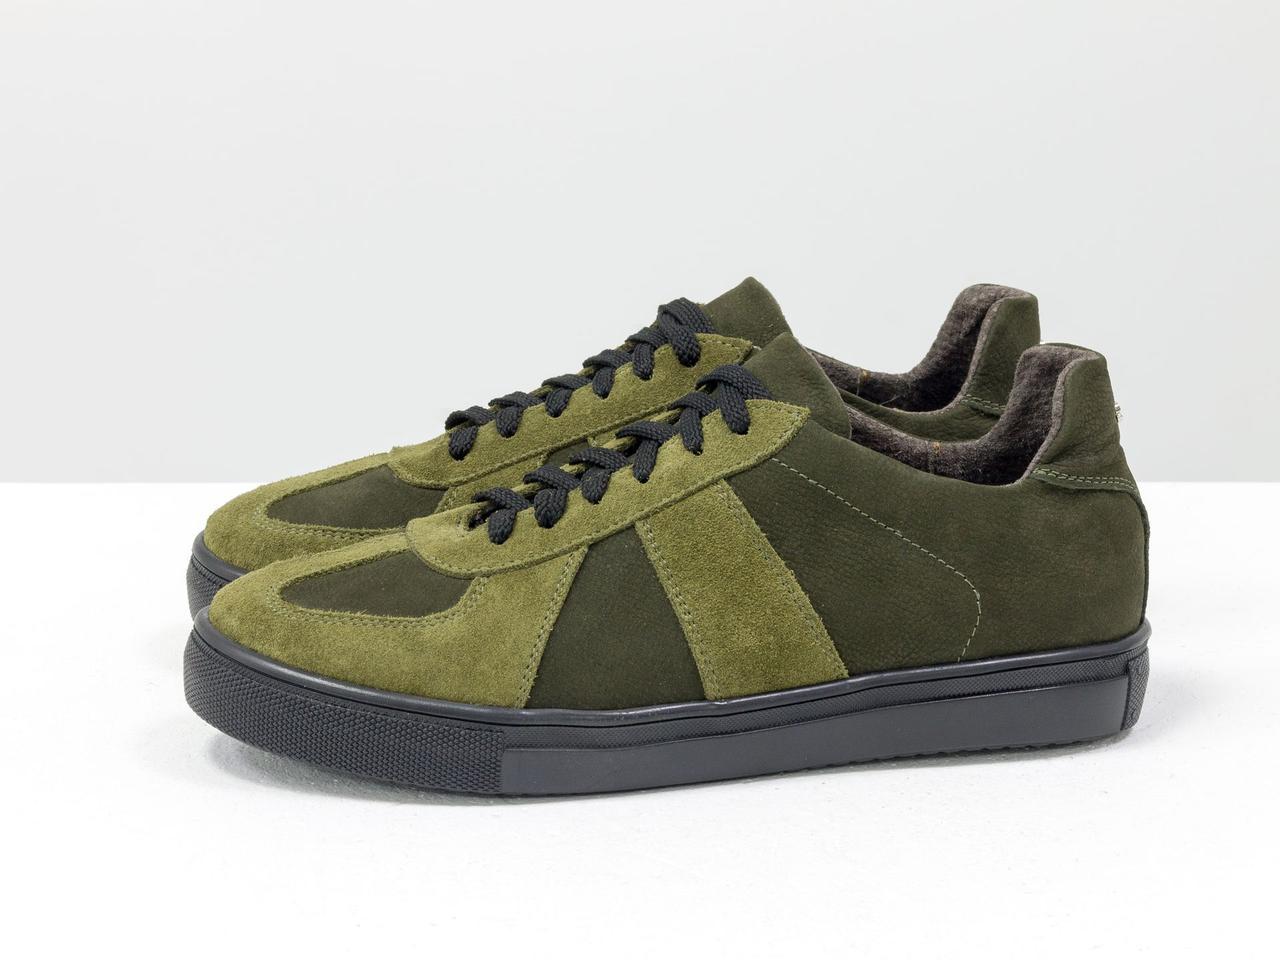 Стильные кроссовки из натуральной замши и матовой кожи оливкового и болотного цвета 41 - фото 2